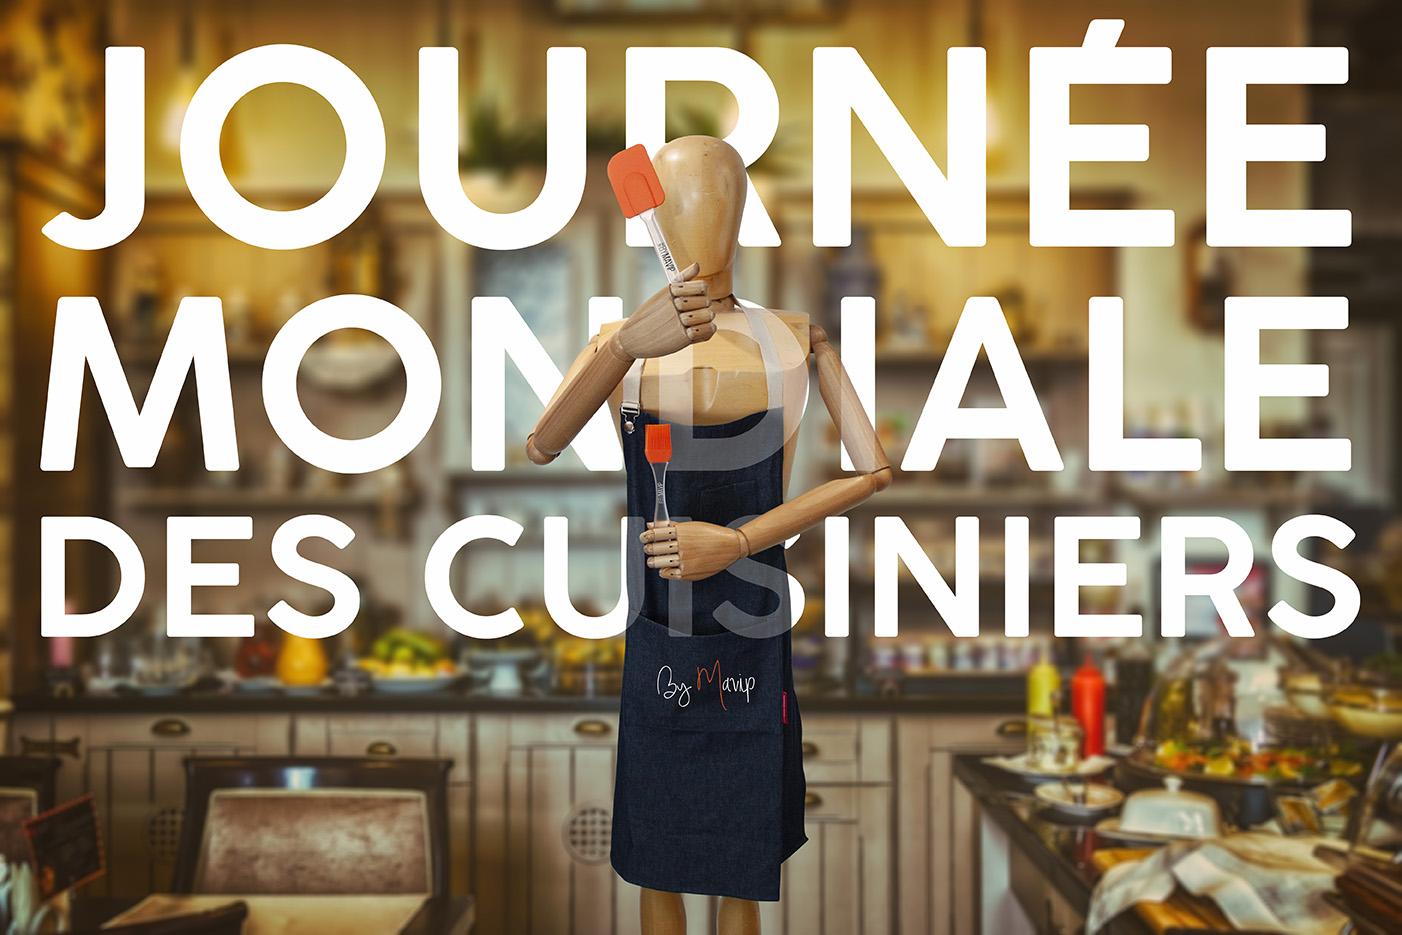 journée mondiale des cuisiniers by Mavip